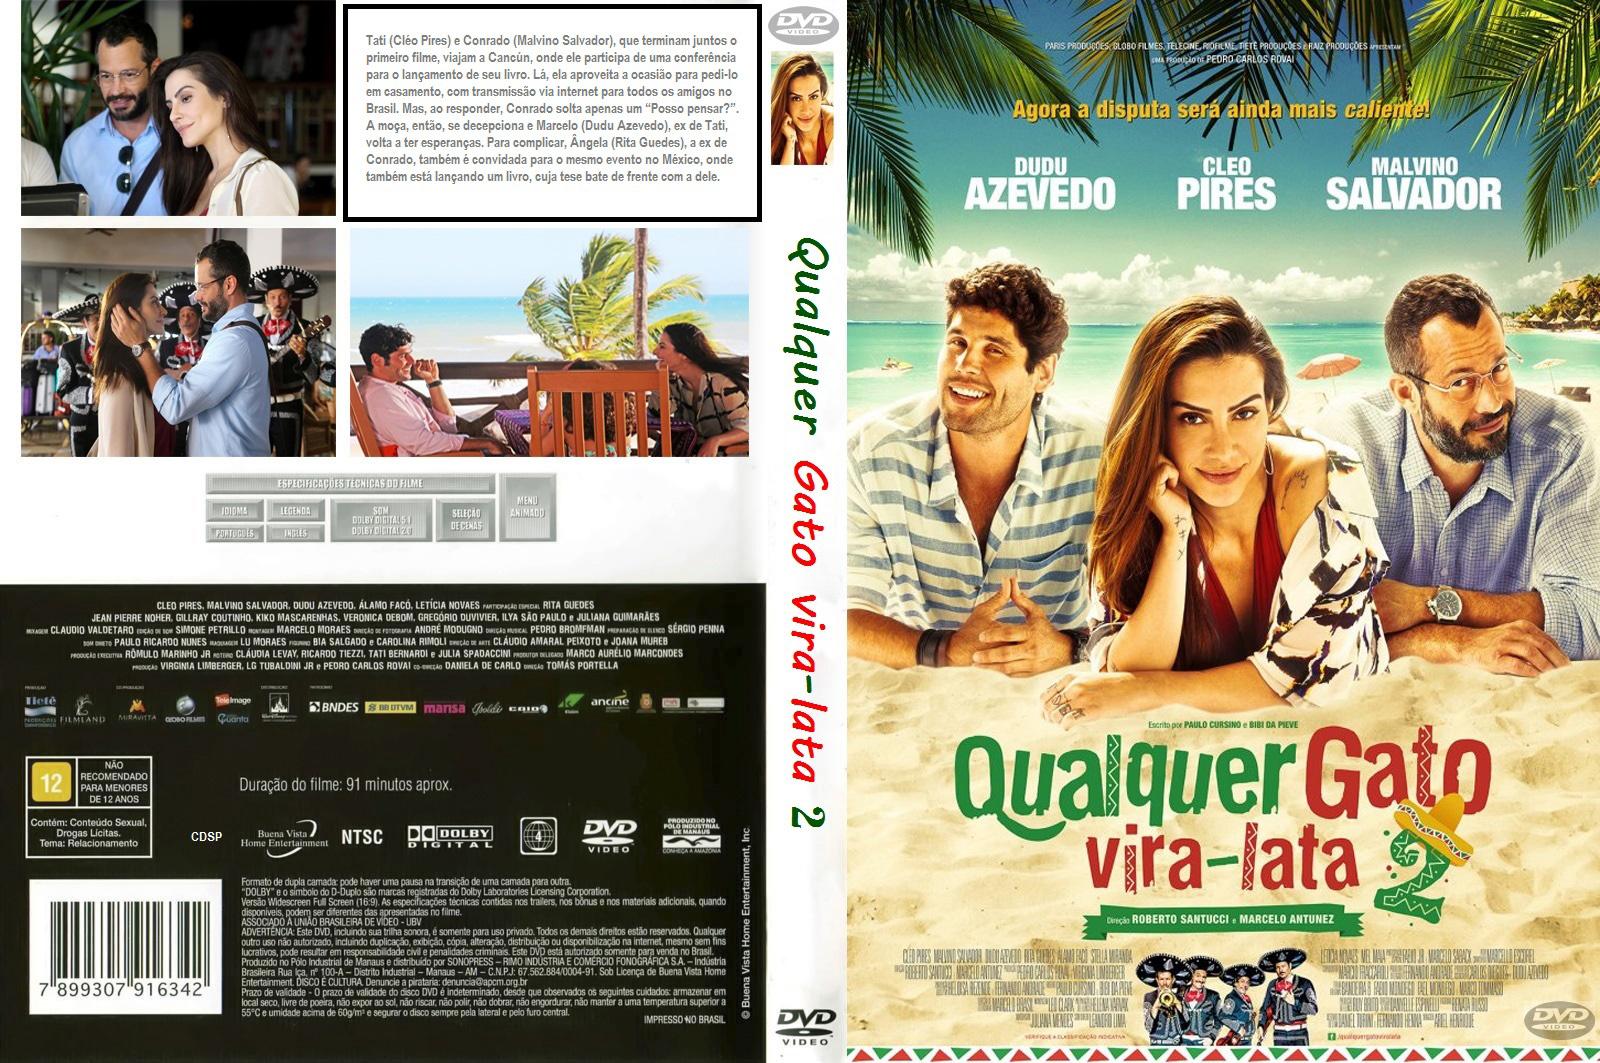 Download Qualquer Gato Vira-Lata 2 DVD-R QUALQUER GATO VIRA LATA 2